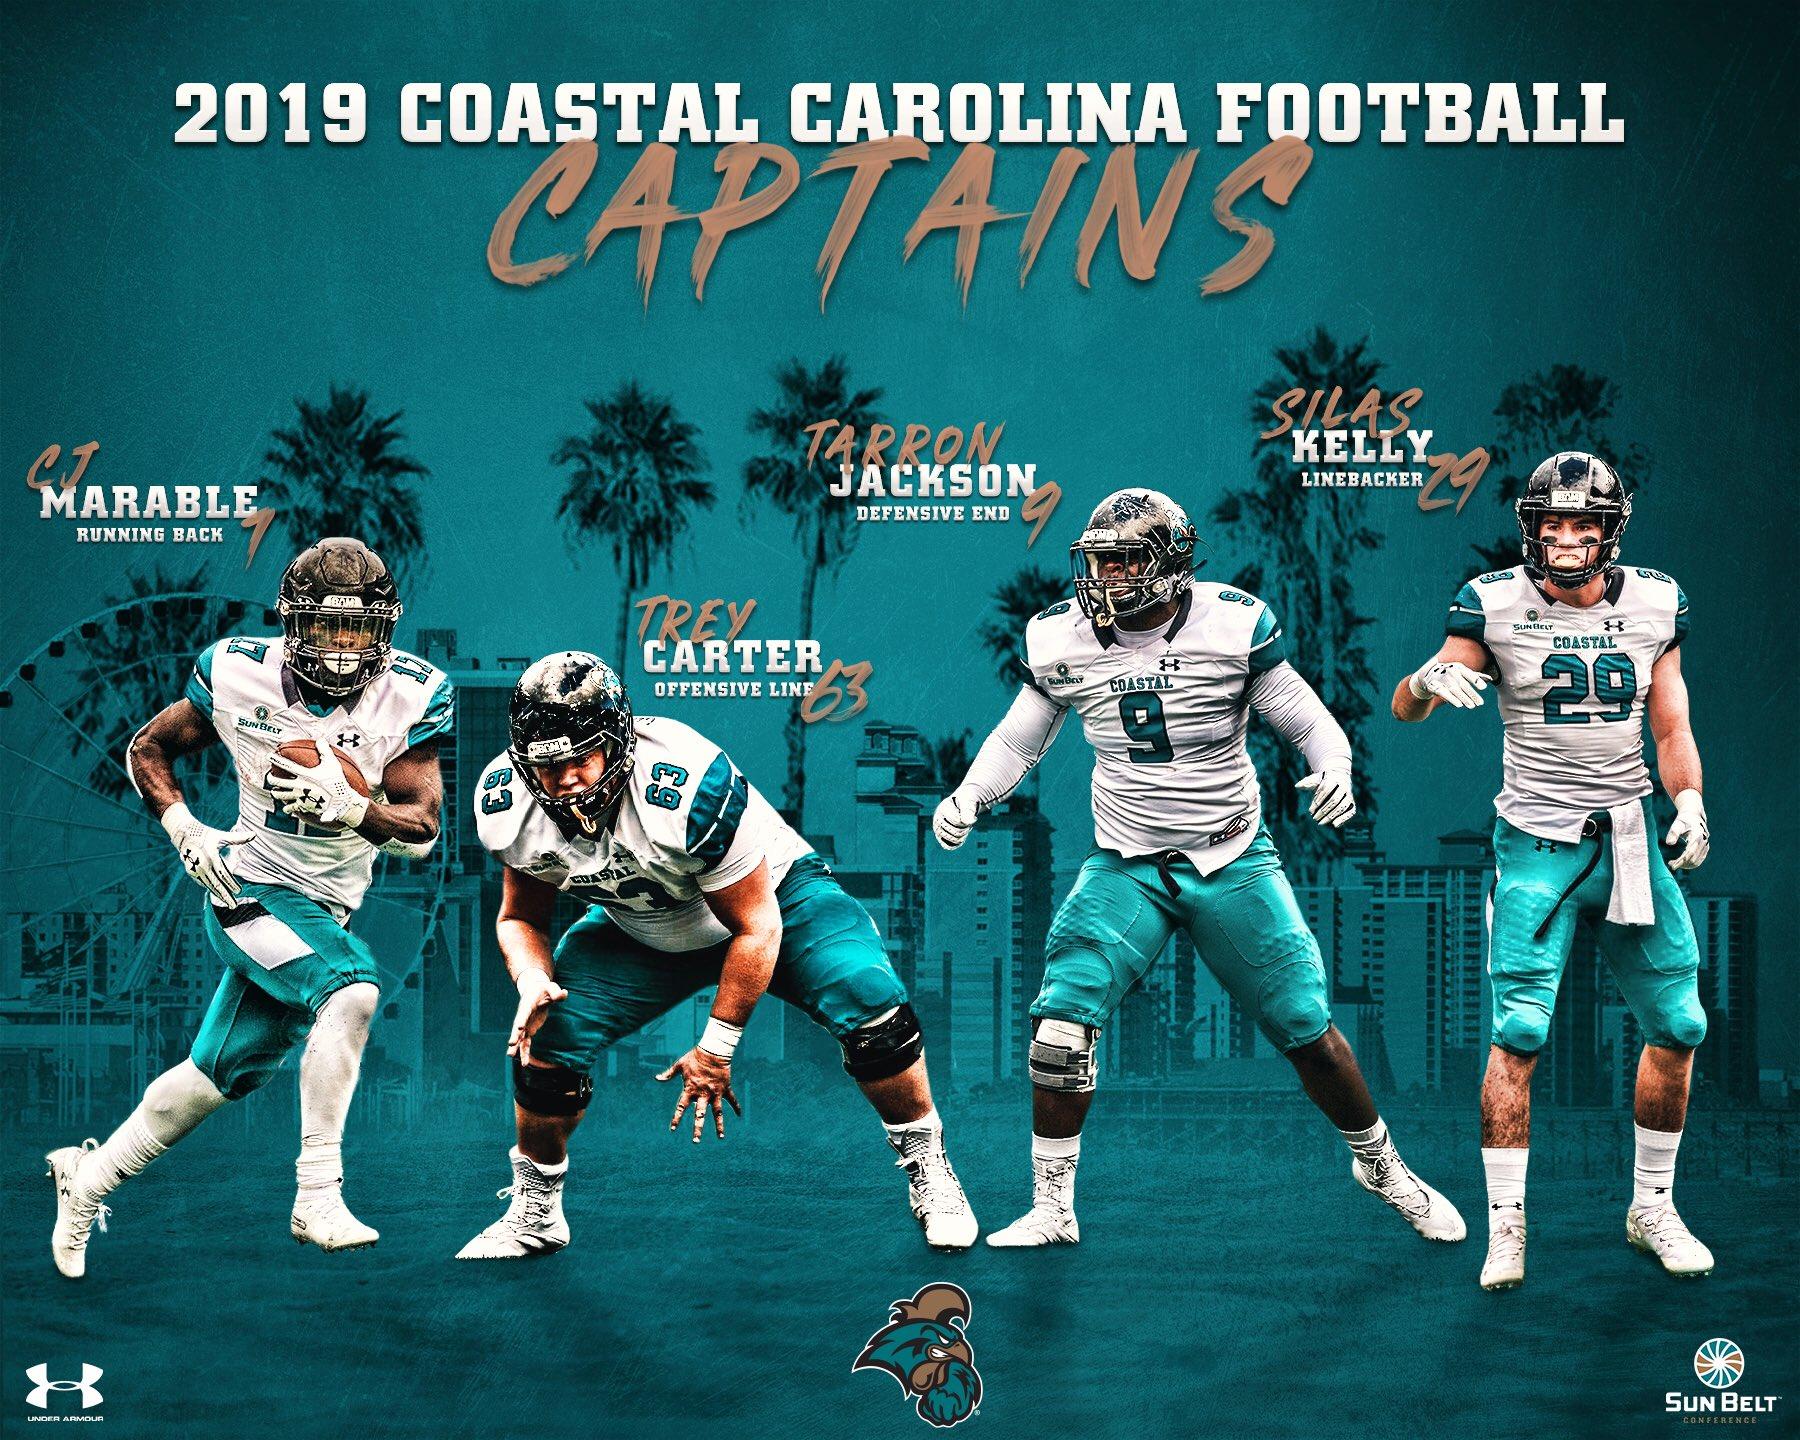 Coastal Football on Twitter: